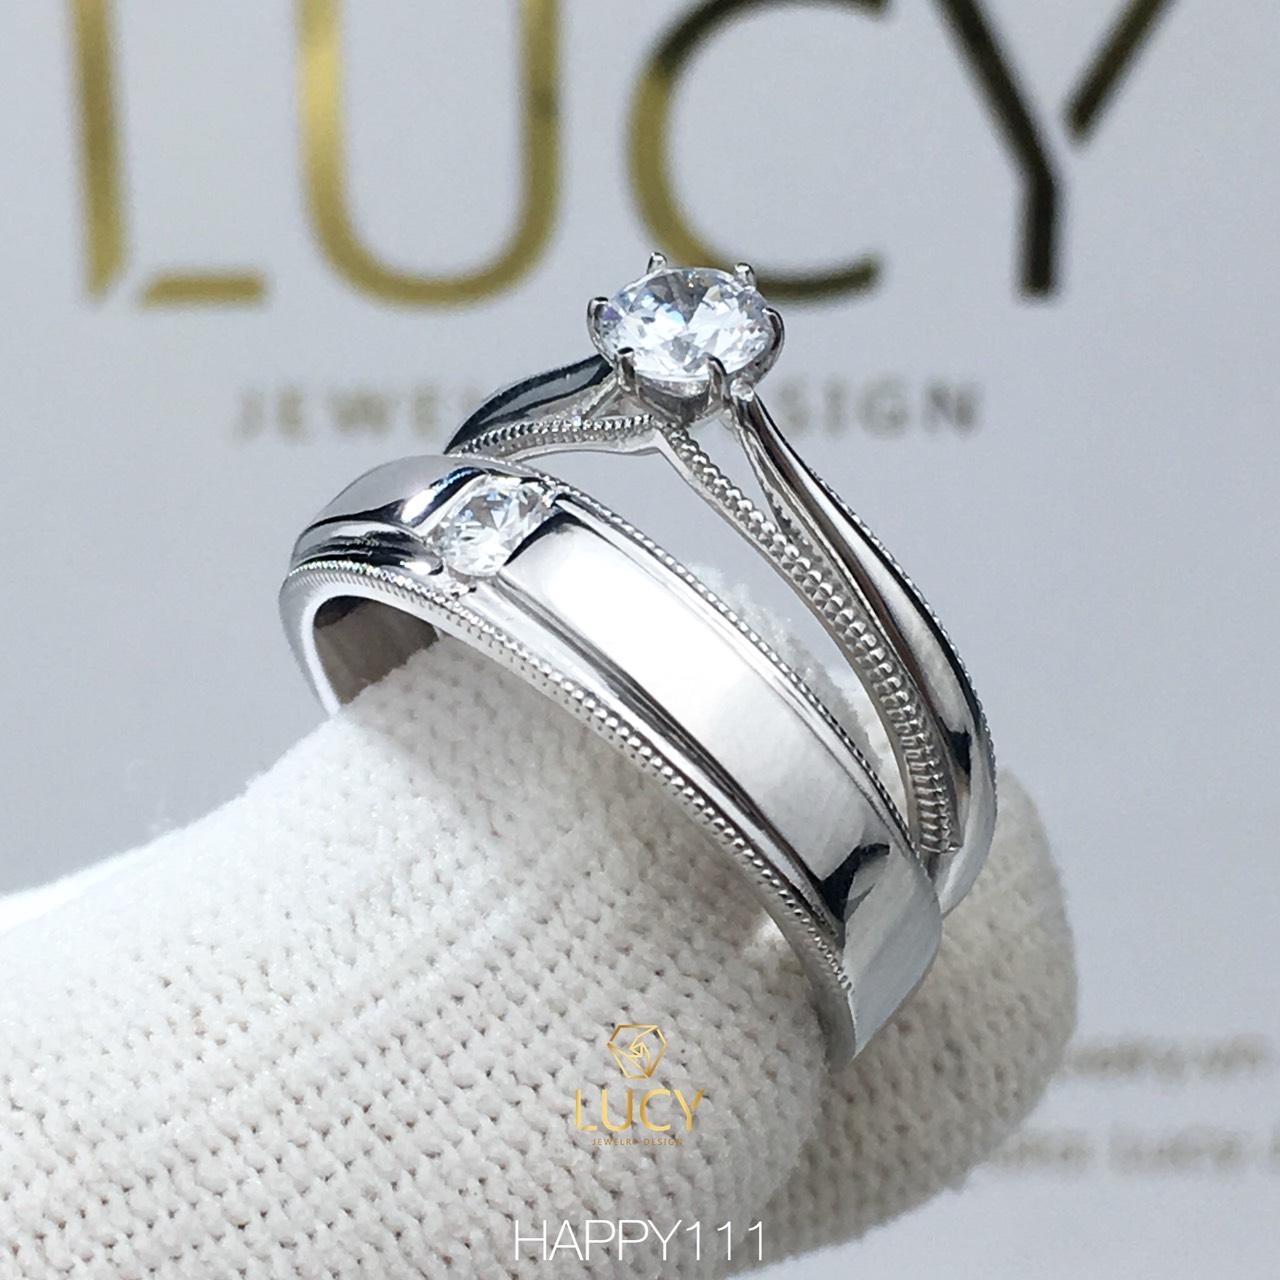 HAPPY111 Nhẫn cưới thiết kế, nhẫn cưới đẹp, nhẫn cưới cao cấp, nhẫn cưới kim cương - Lucy Jewelry